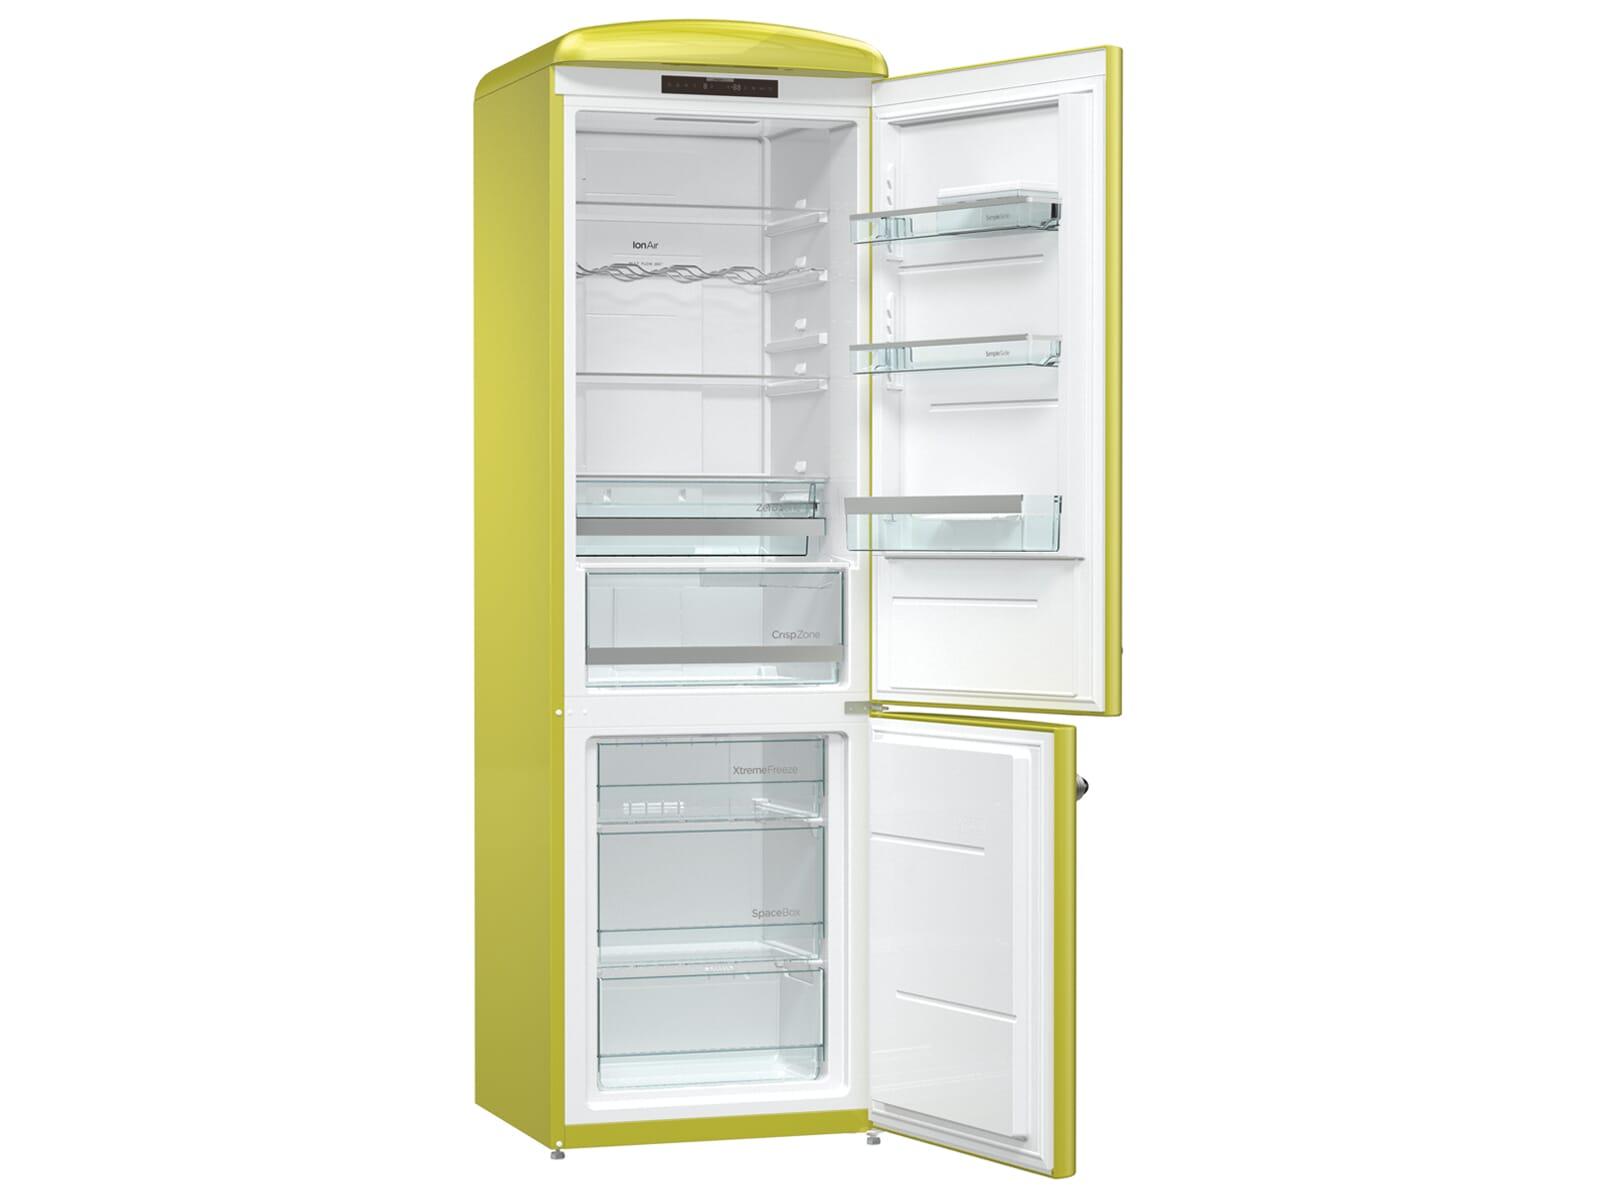 Gorenje Kühlschrank Crispzone : Gorenje onrk ap kühl gefrierkombination apple grün retro